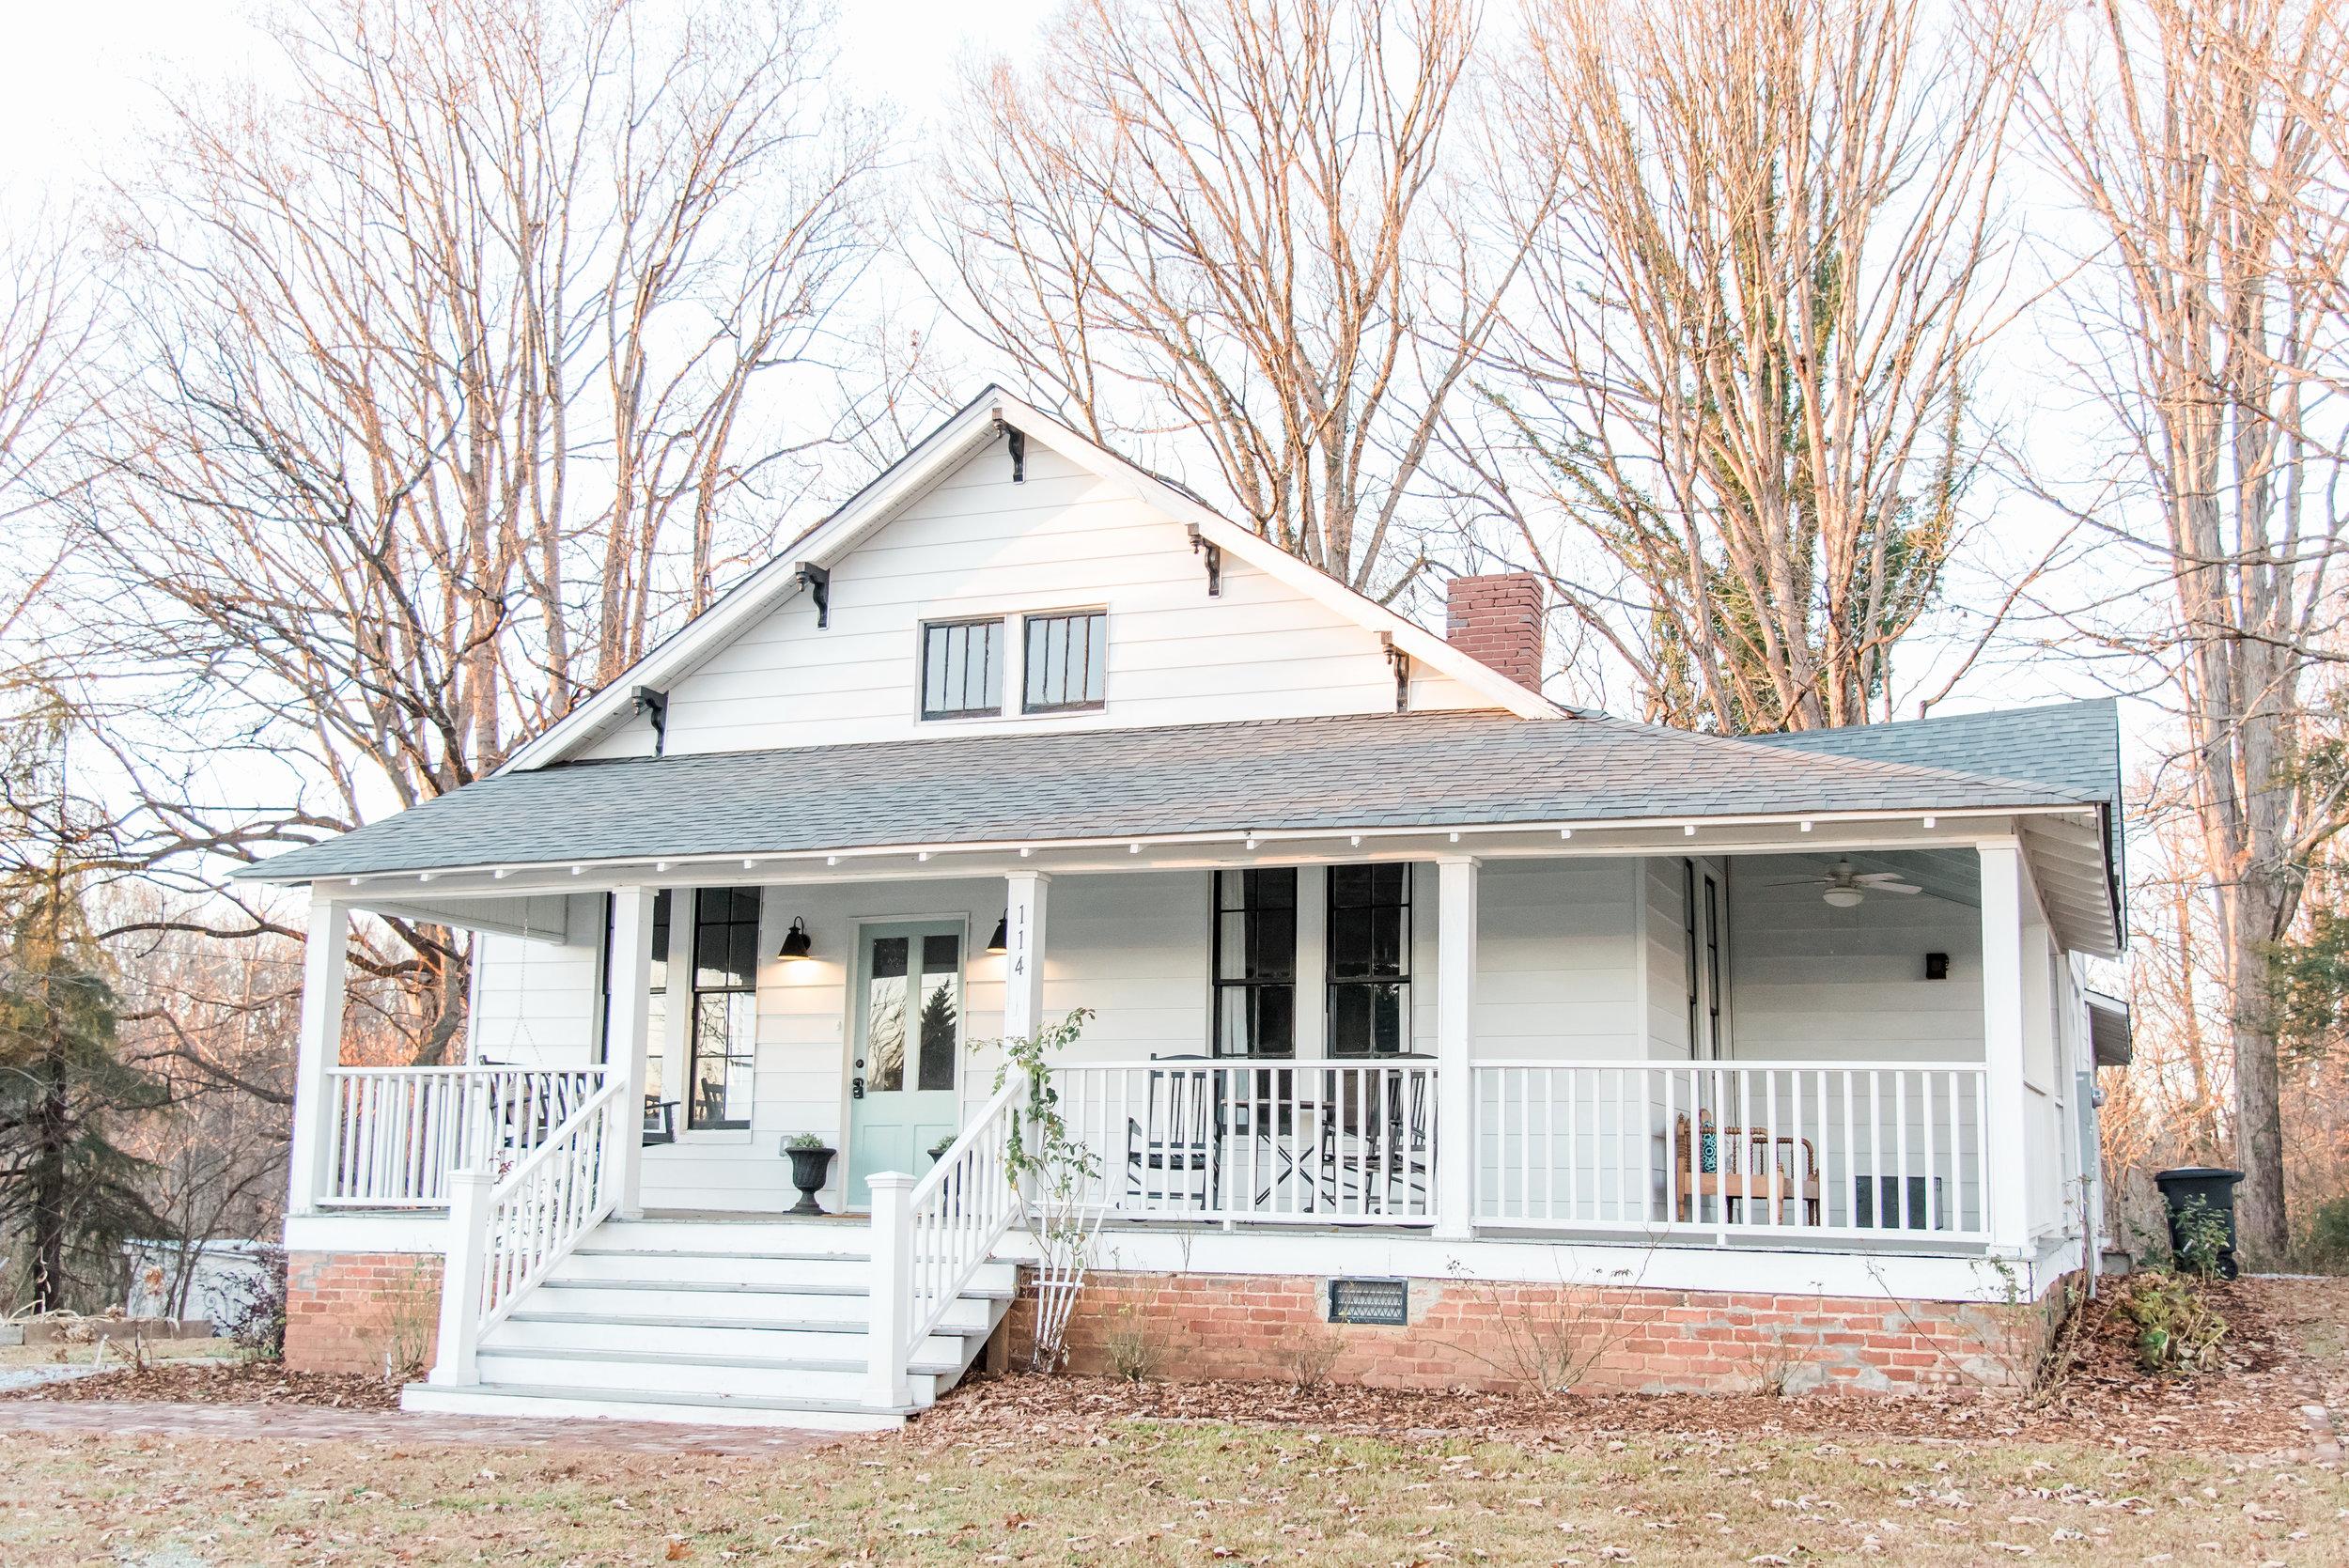 Elizabeth Burns Design | Farmhouse Renovation - white siding black windows, wraparound front porch